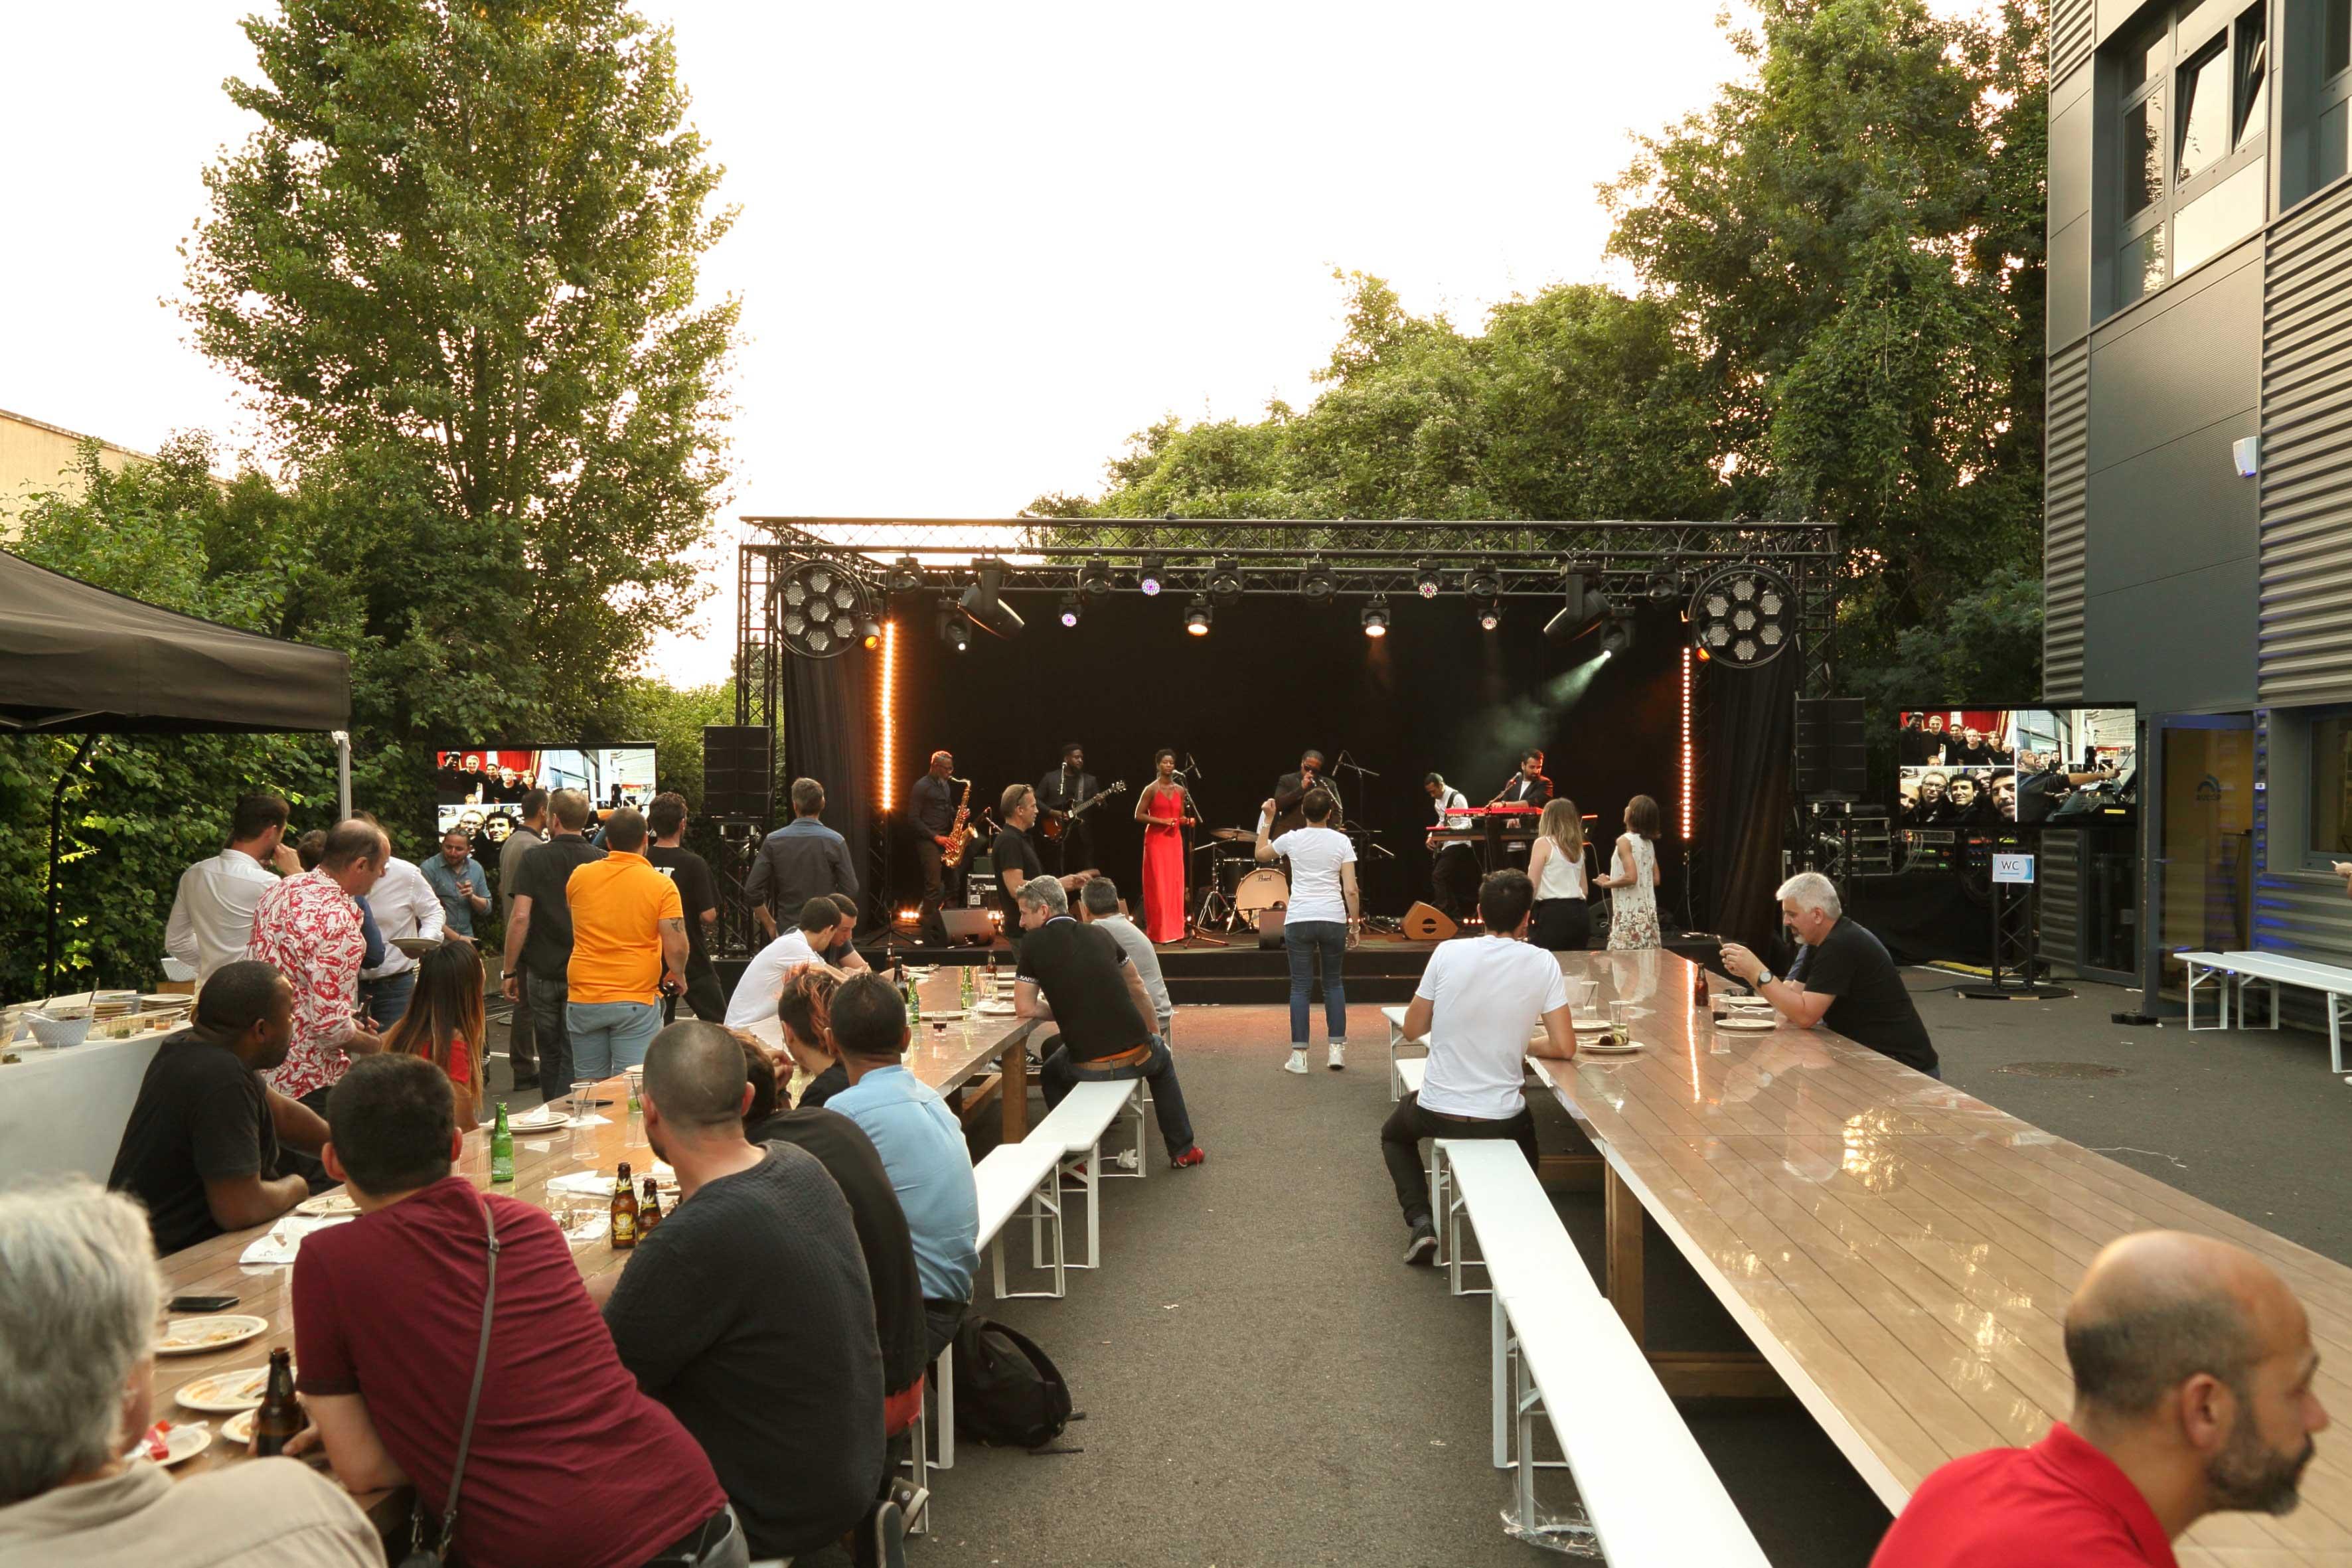 aucop-soiree-wissous-paris-music-events-agency-concert